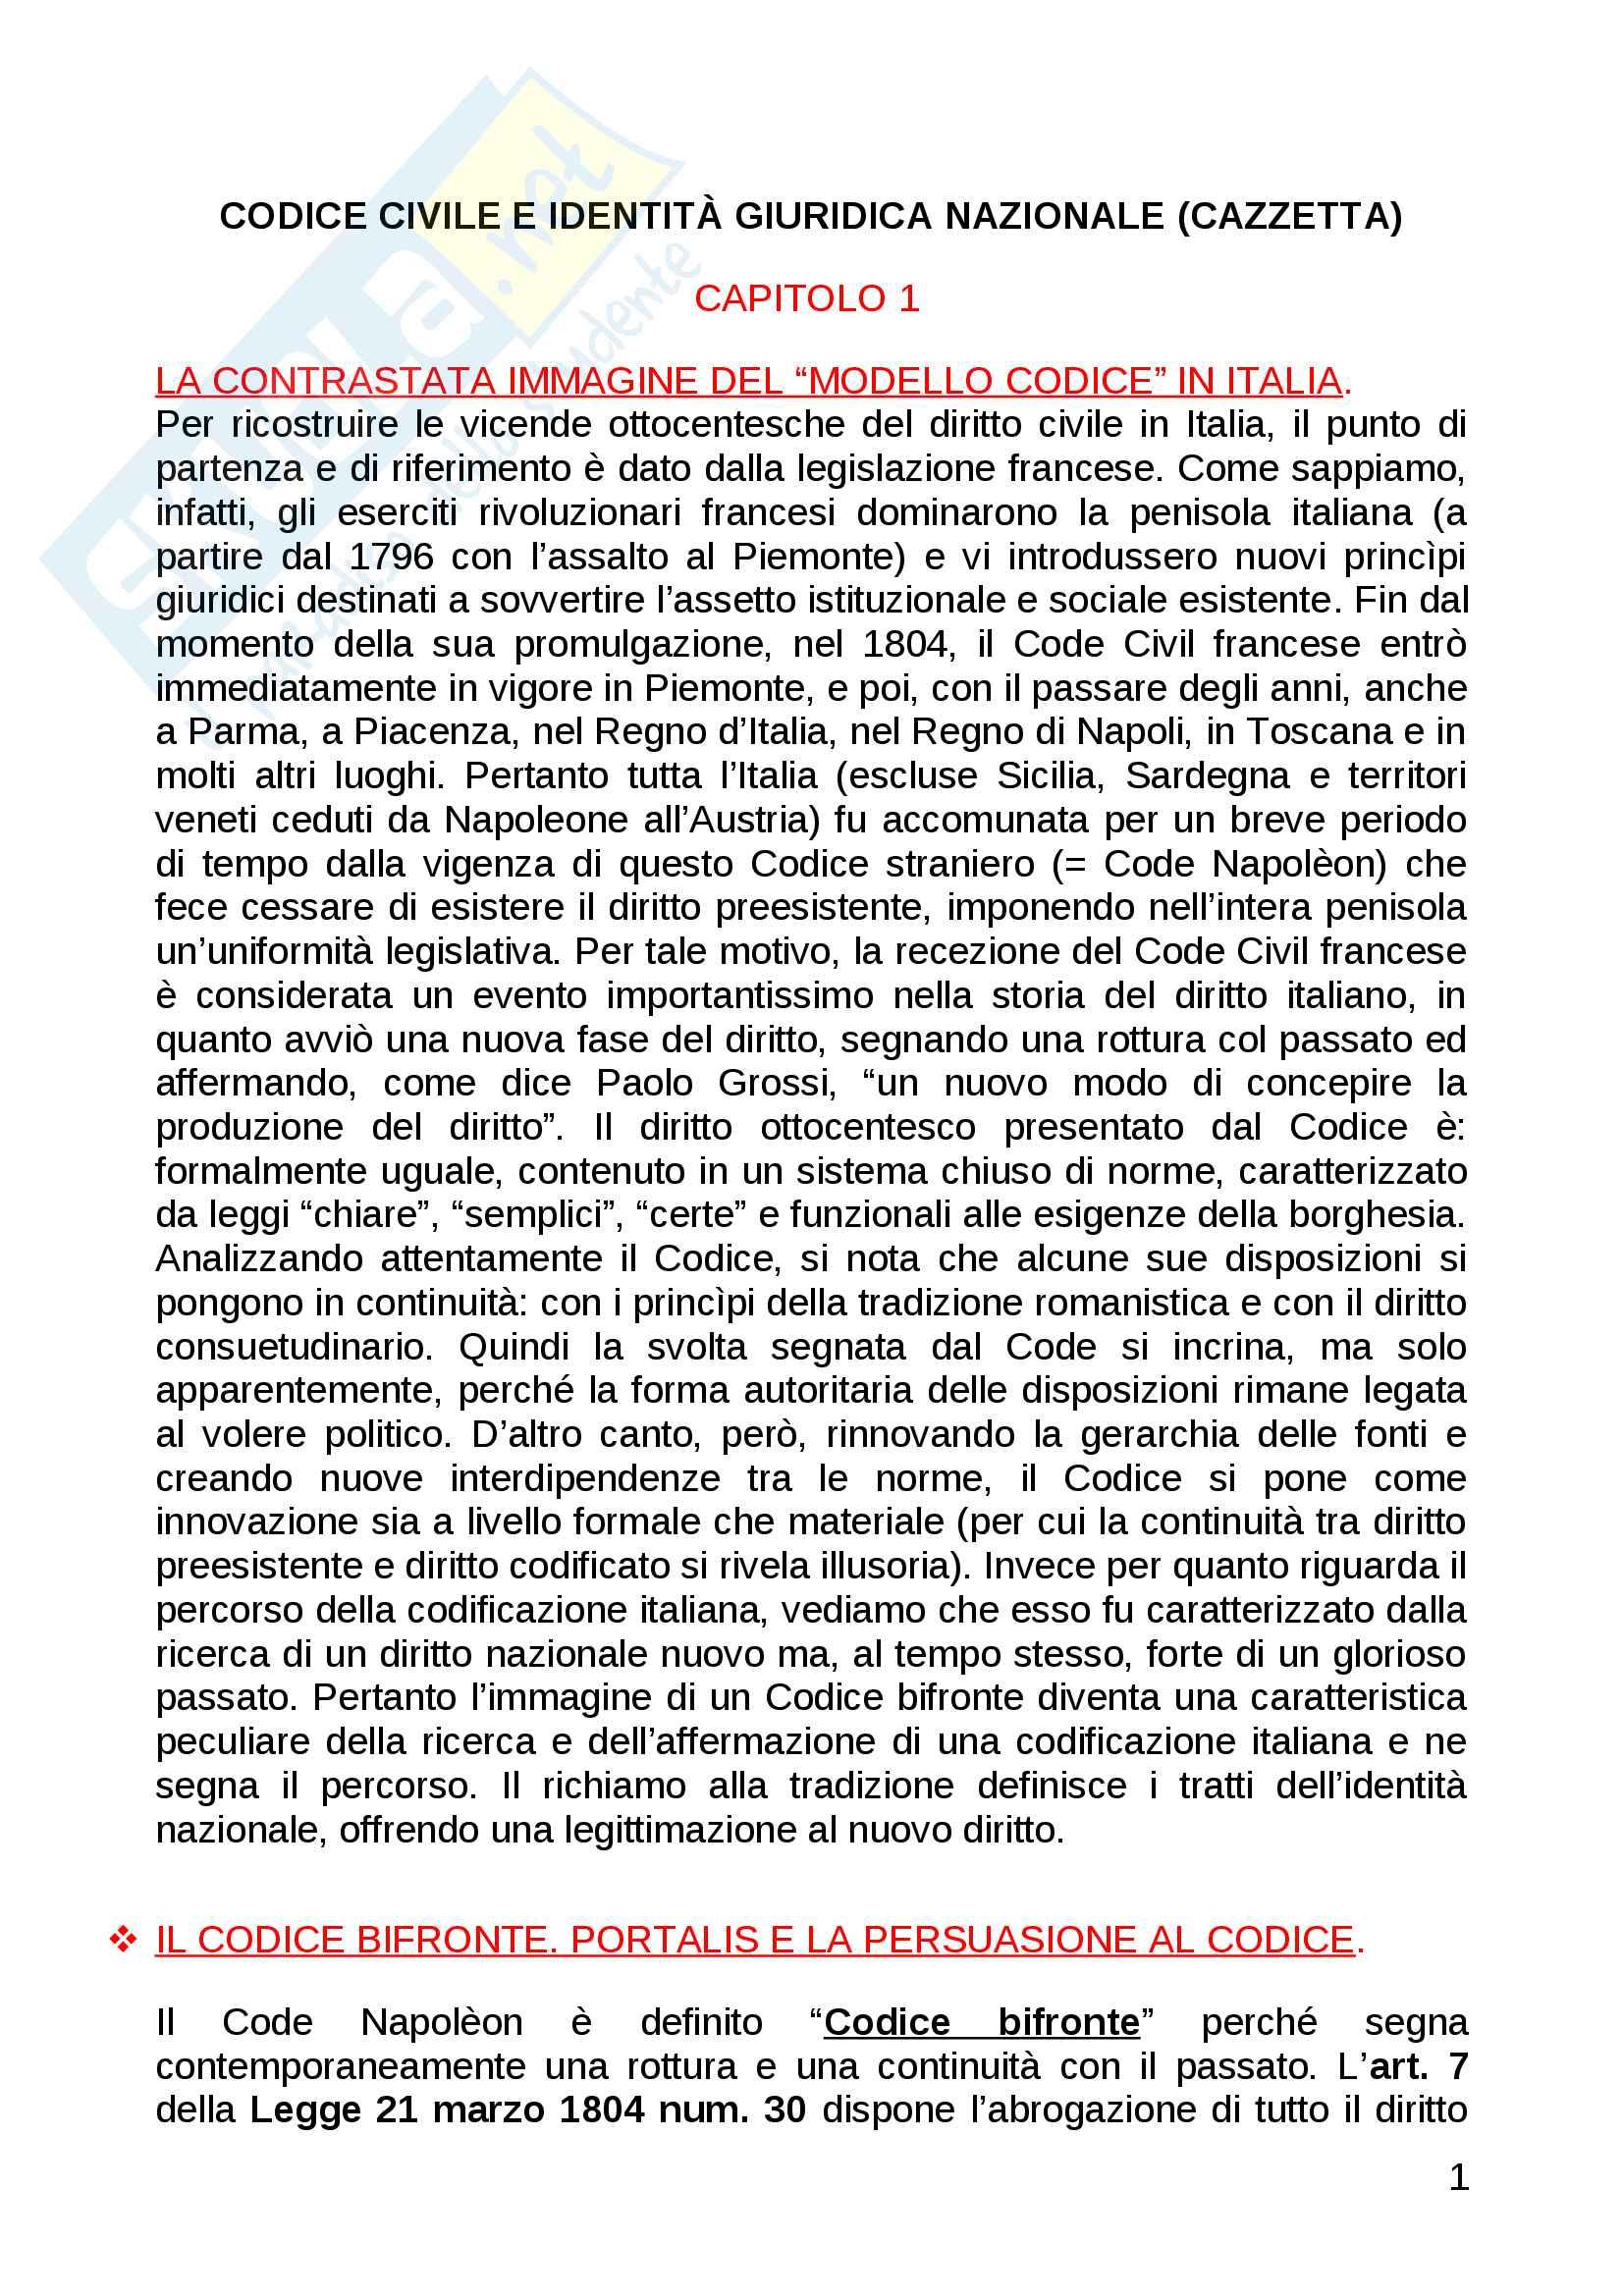 """Riassunto esame Storia delle Codificazioni Moderne, prof. Pace. Libro consigliato """"Codice Civile e identità giuridica nazionale"""" di Giovanni Cazzetta"""